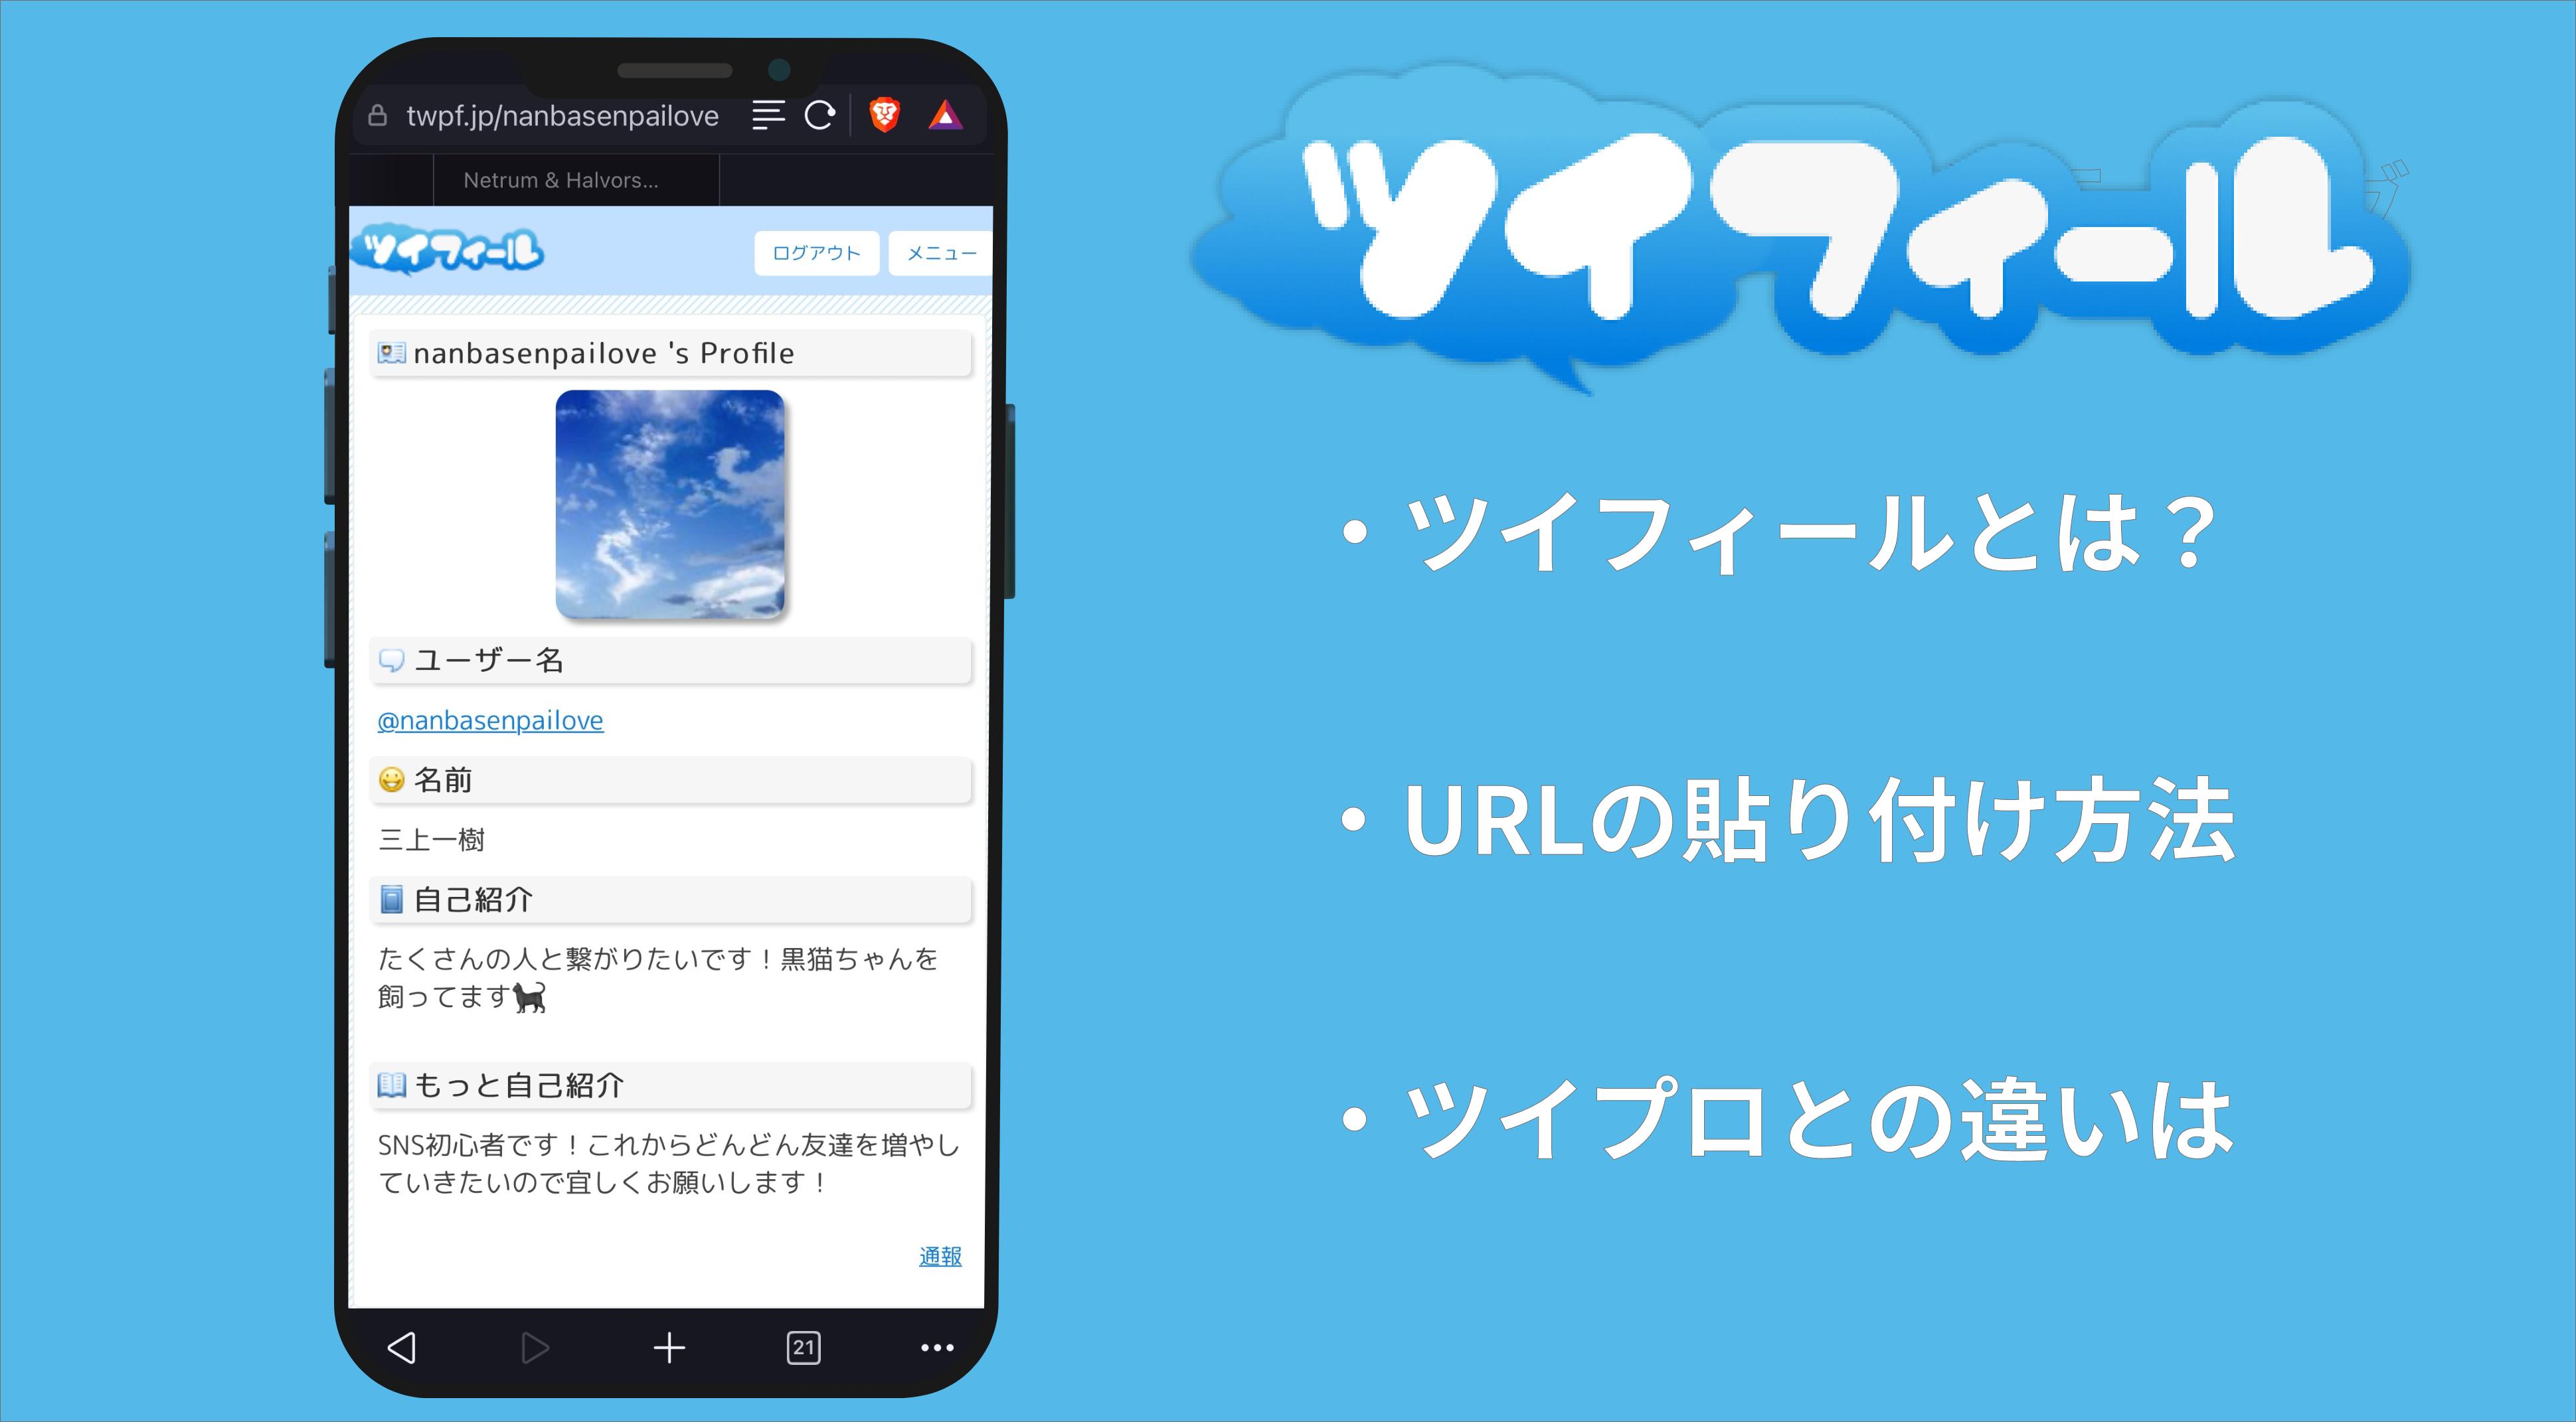 ツイフィールのURLの貼り方や便利な機能を解説!